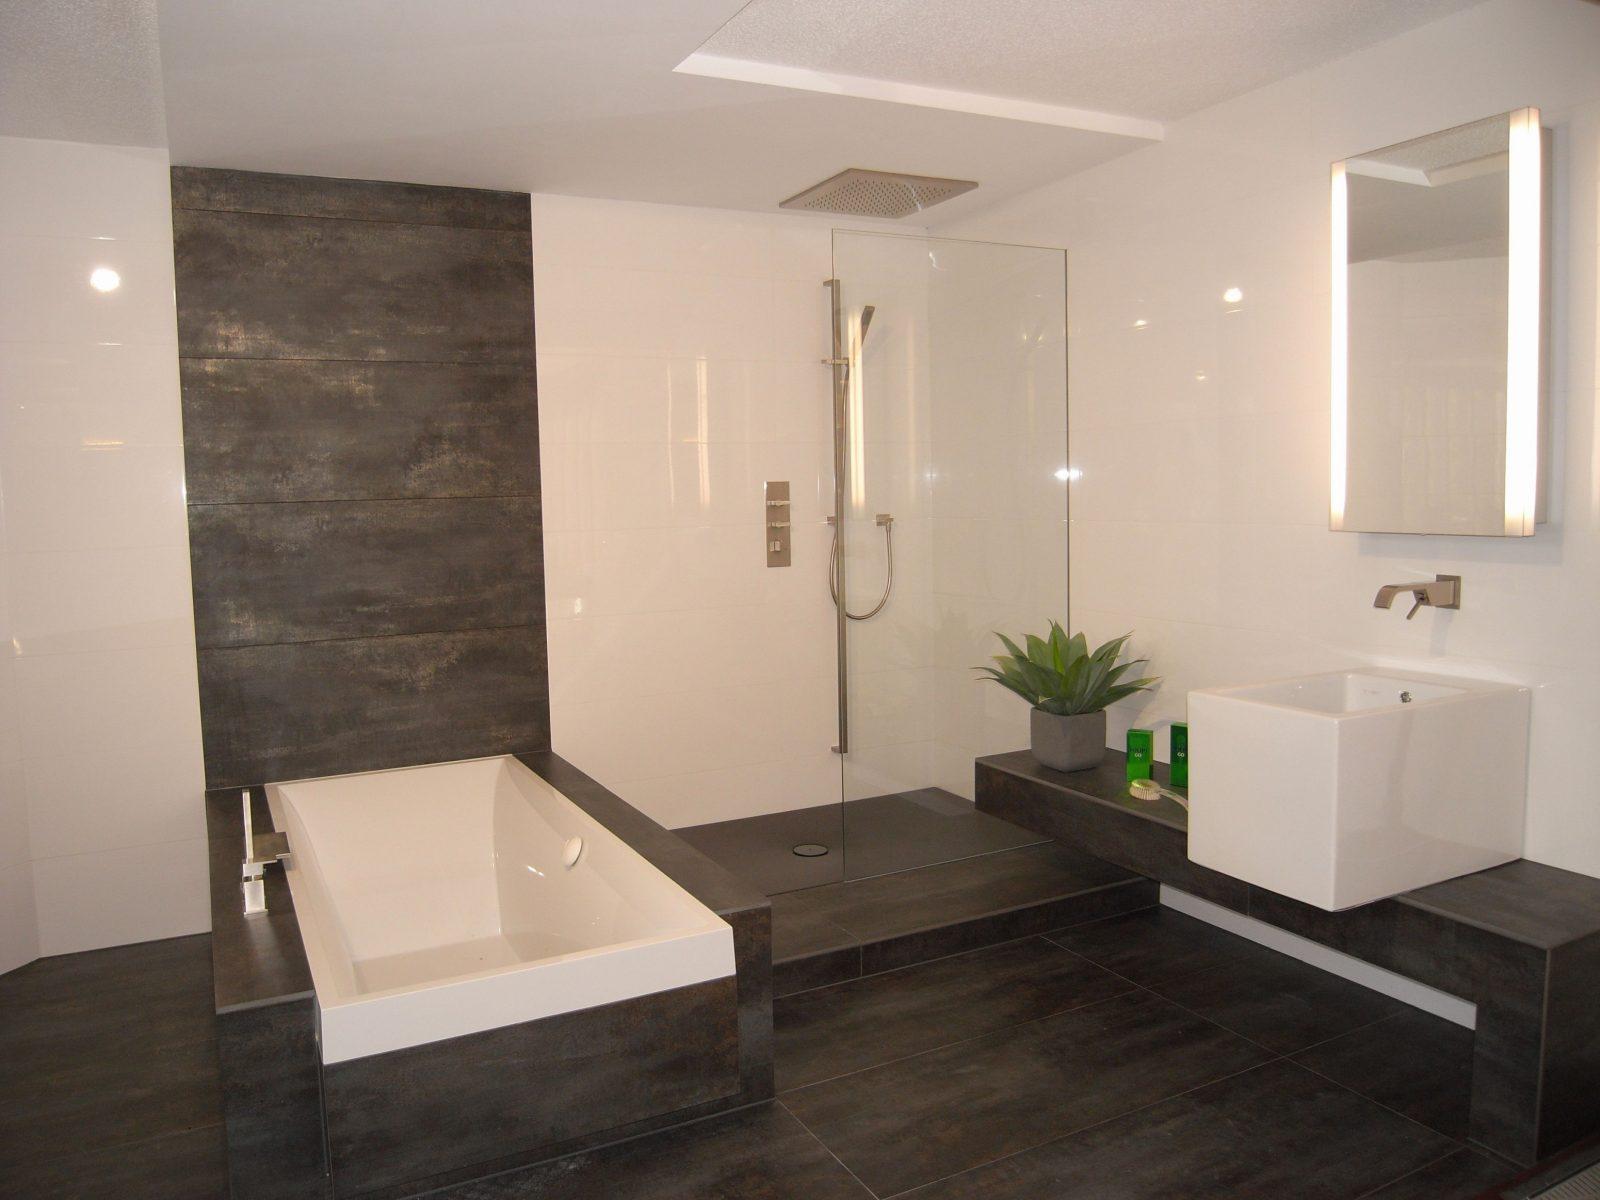 Badezimmer Fliesen Modern Badezimmer Tomis Media von Badezimmer Fliesen Modern Bild